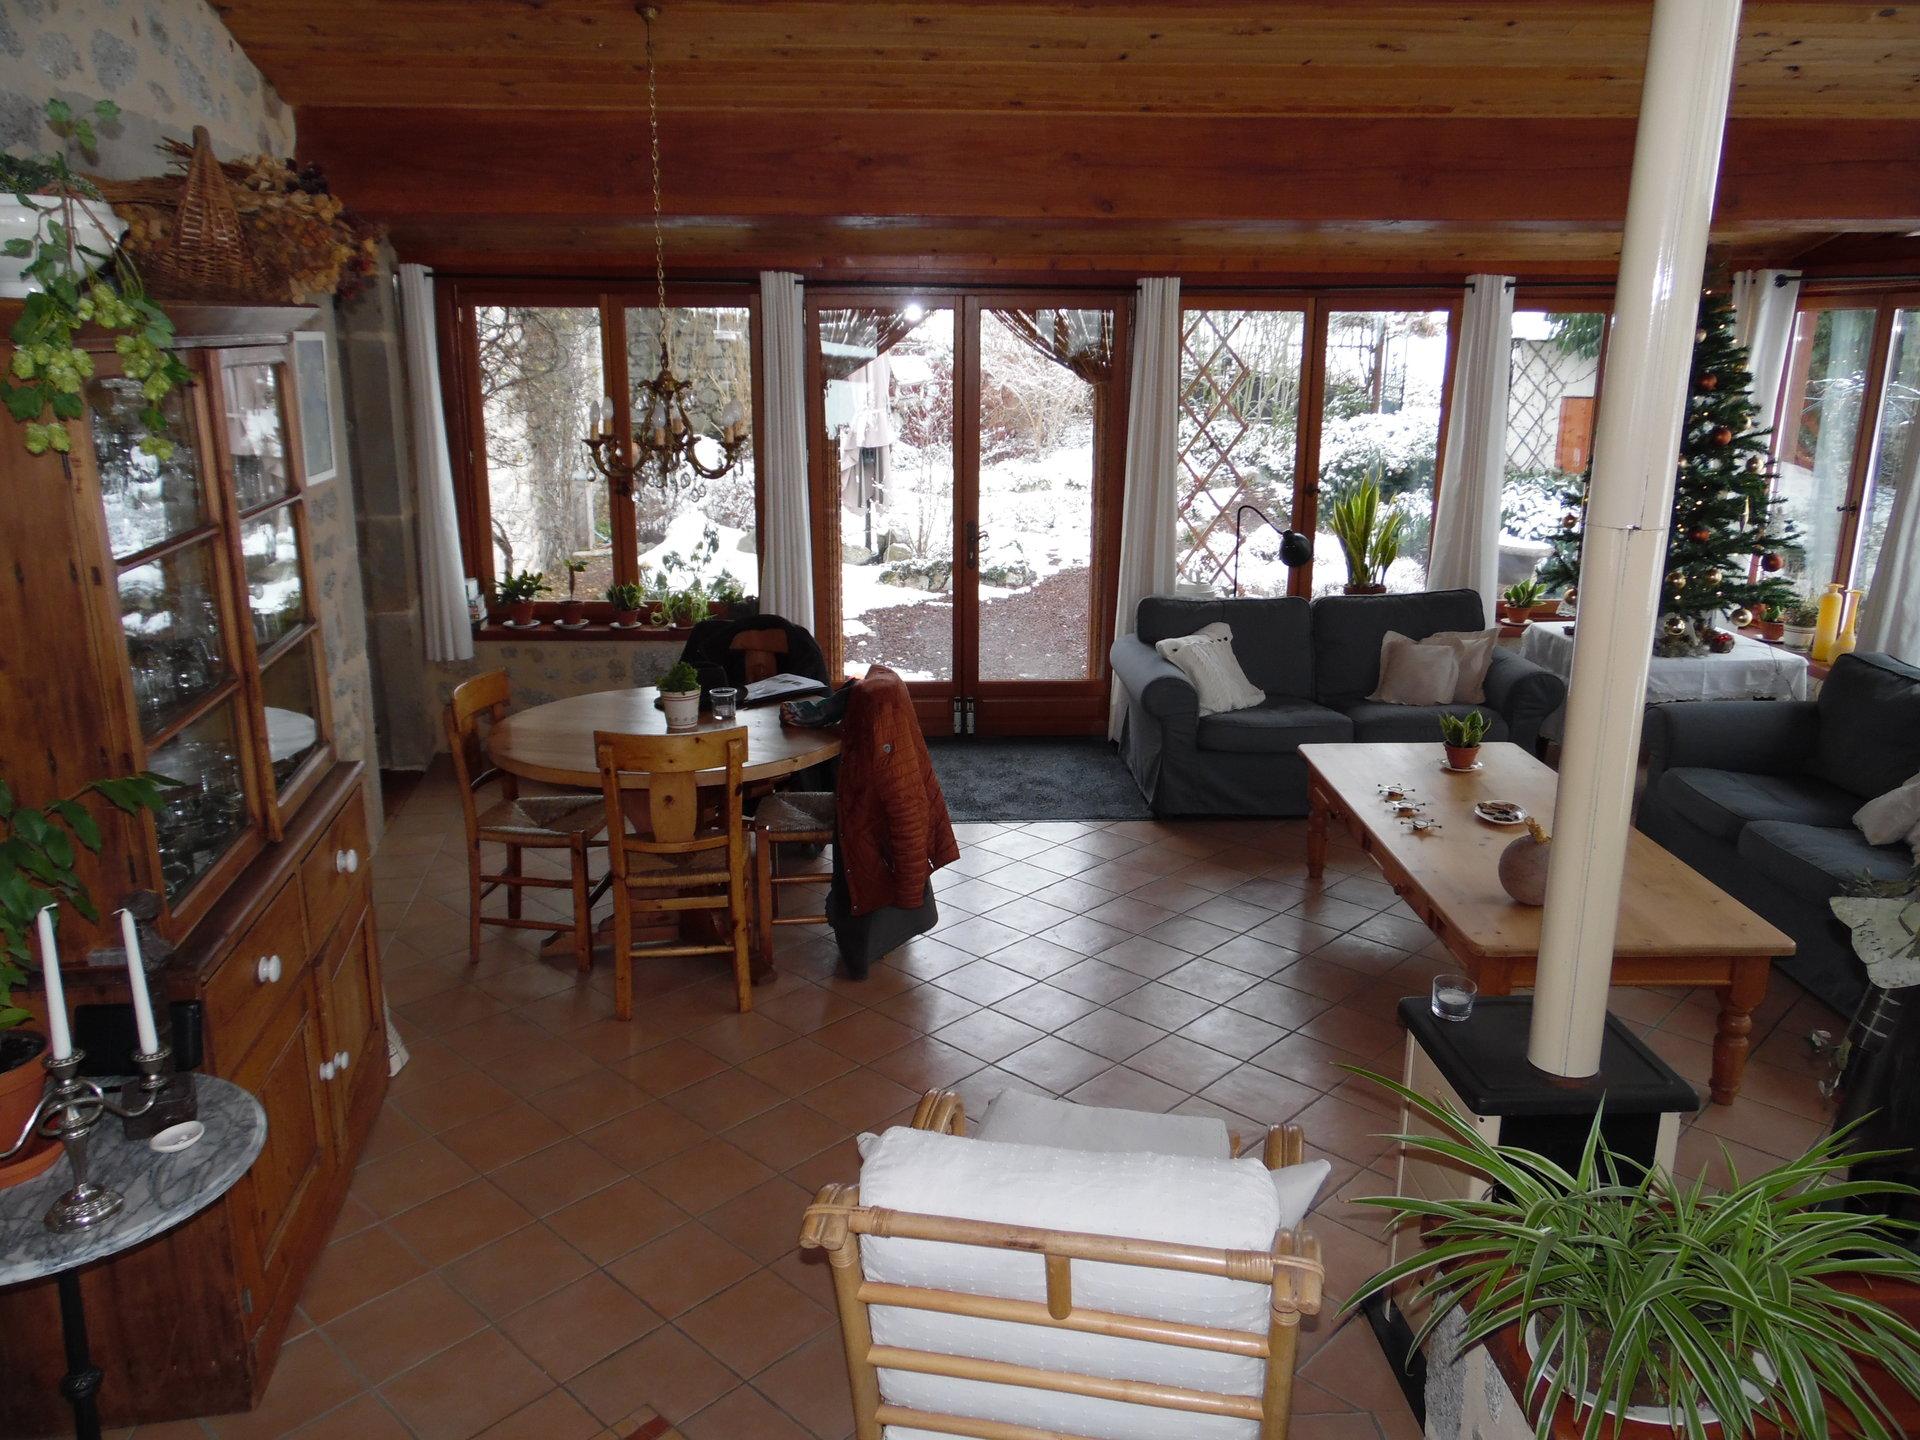 Maison rénovée avec dépendances à vendre dans le Puy de Dôme